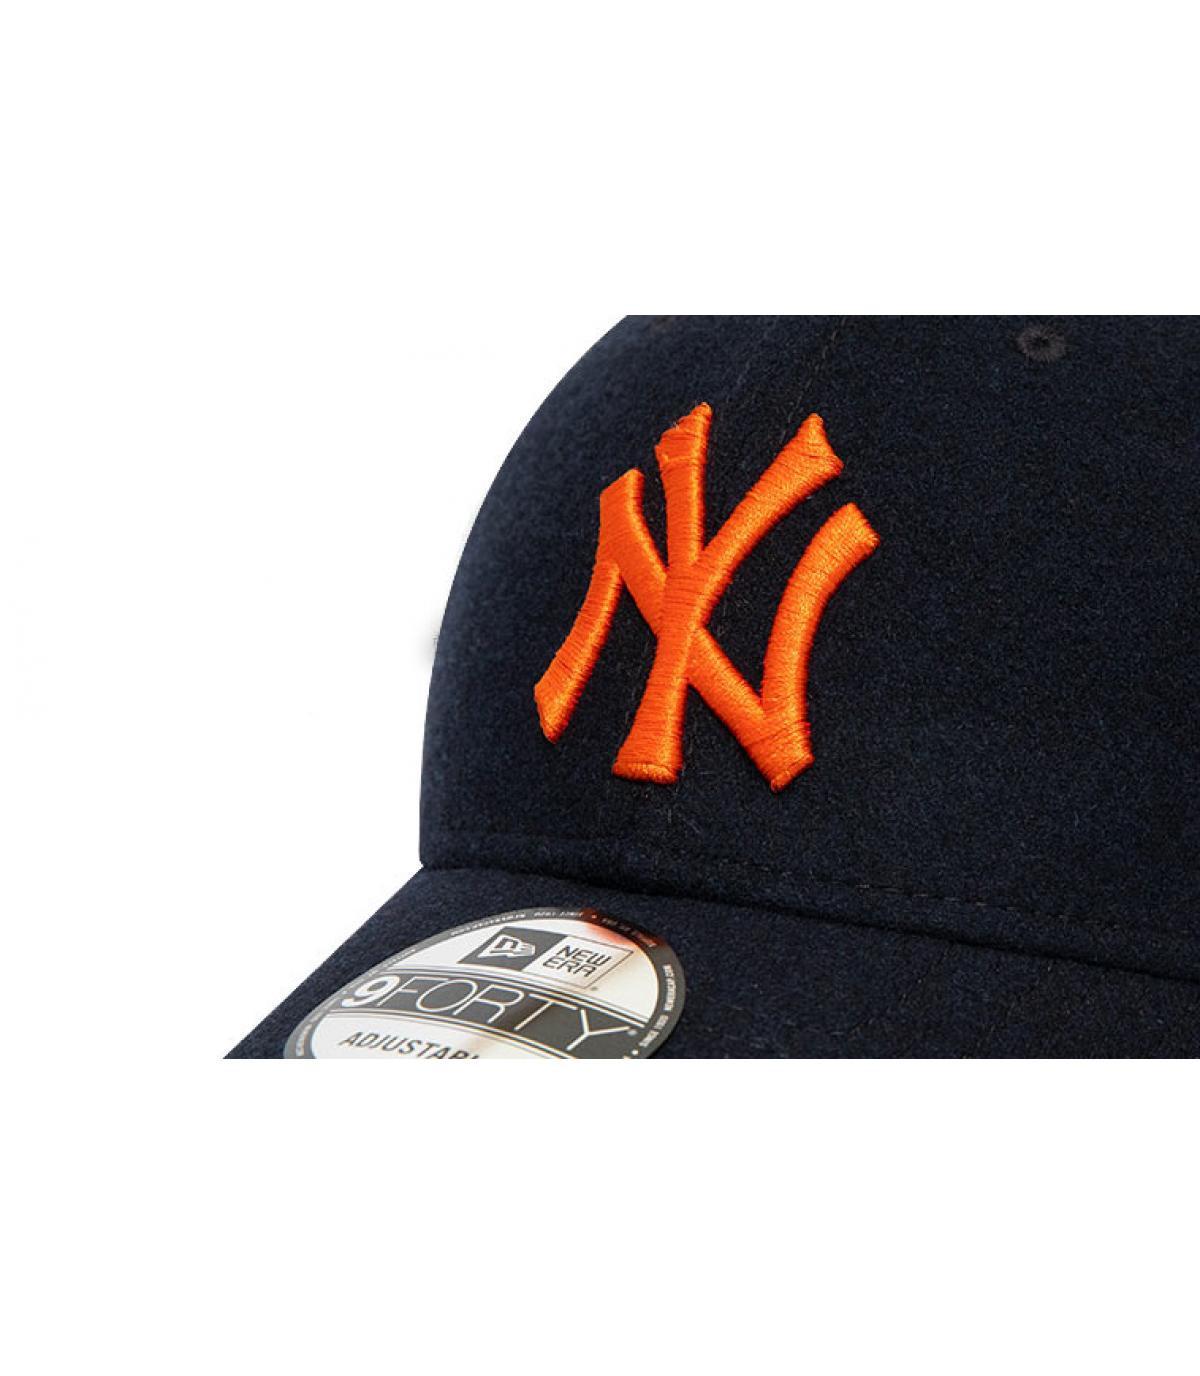 Détails Casquette Kids League Ess NY 940 black orange - image 3